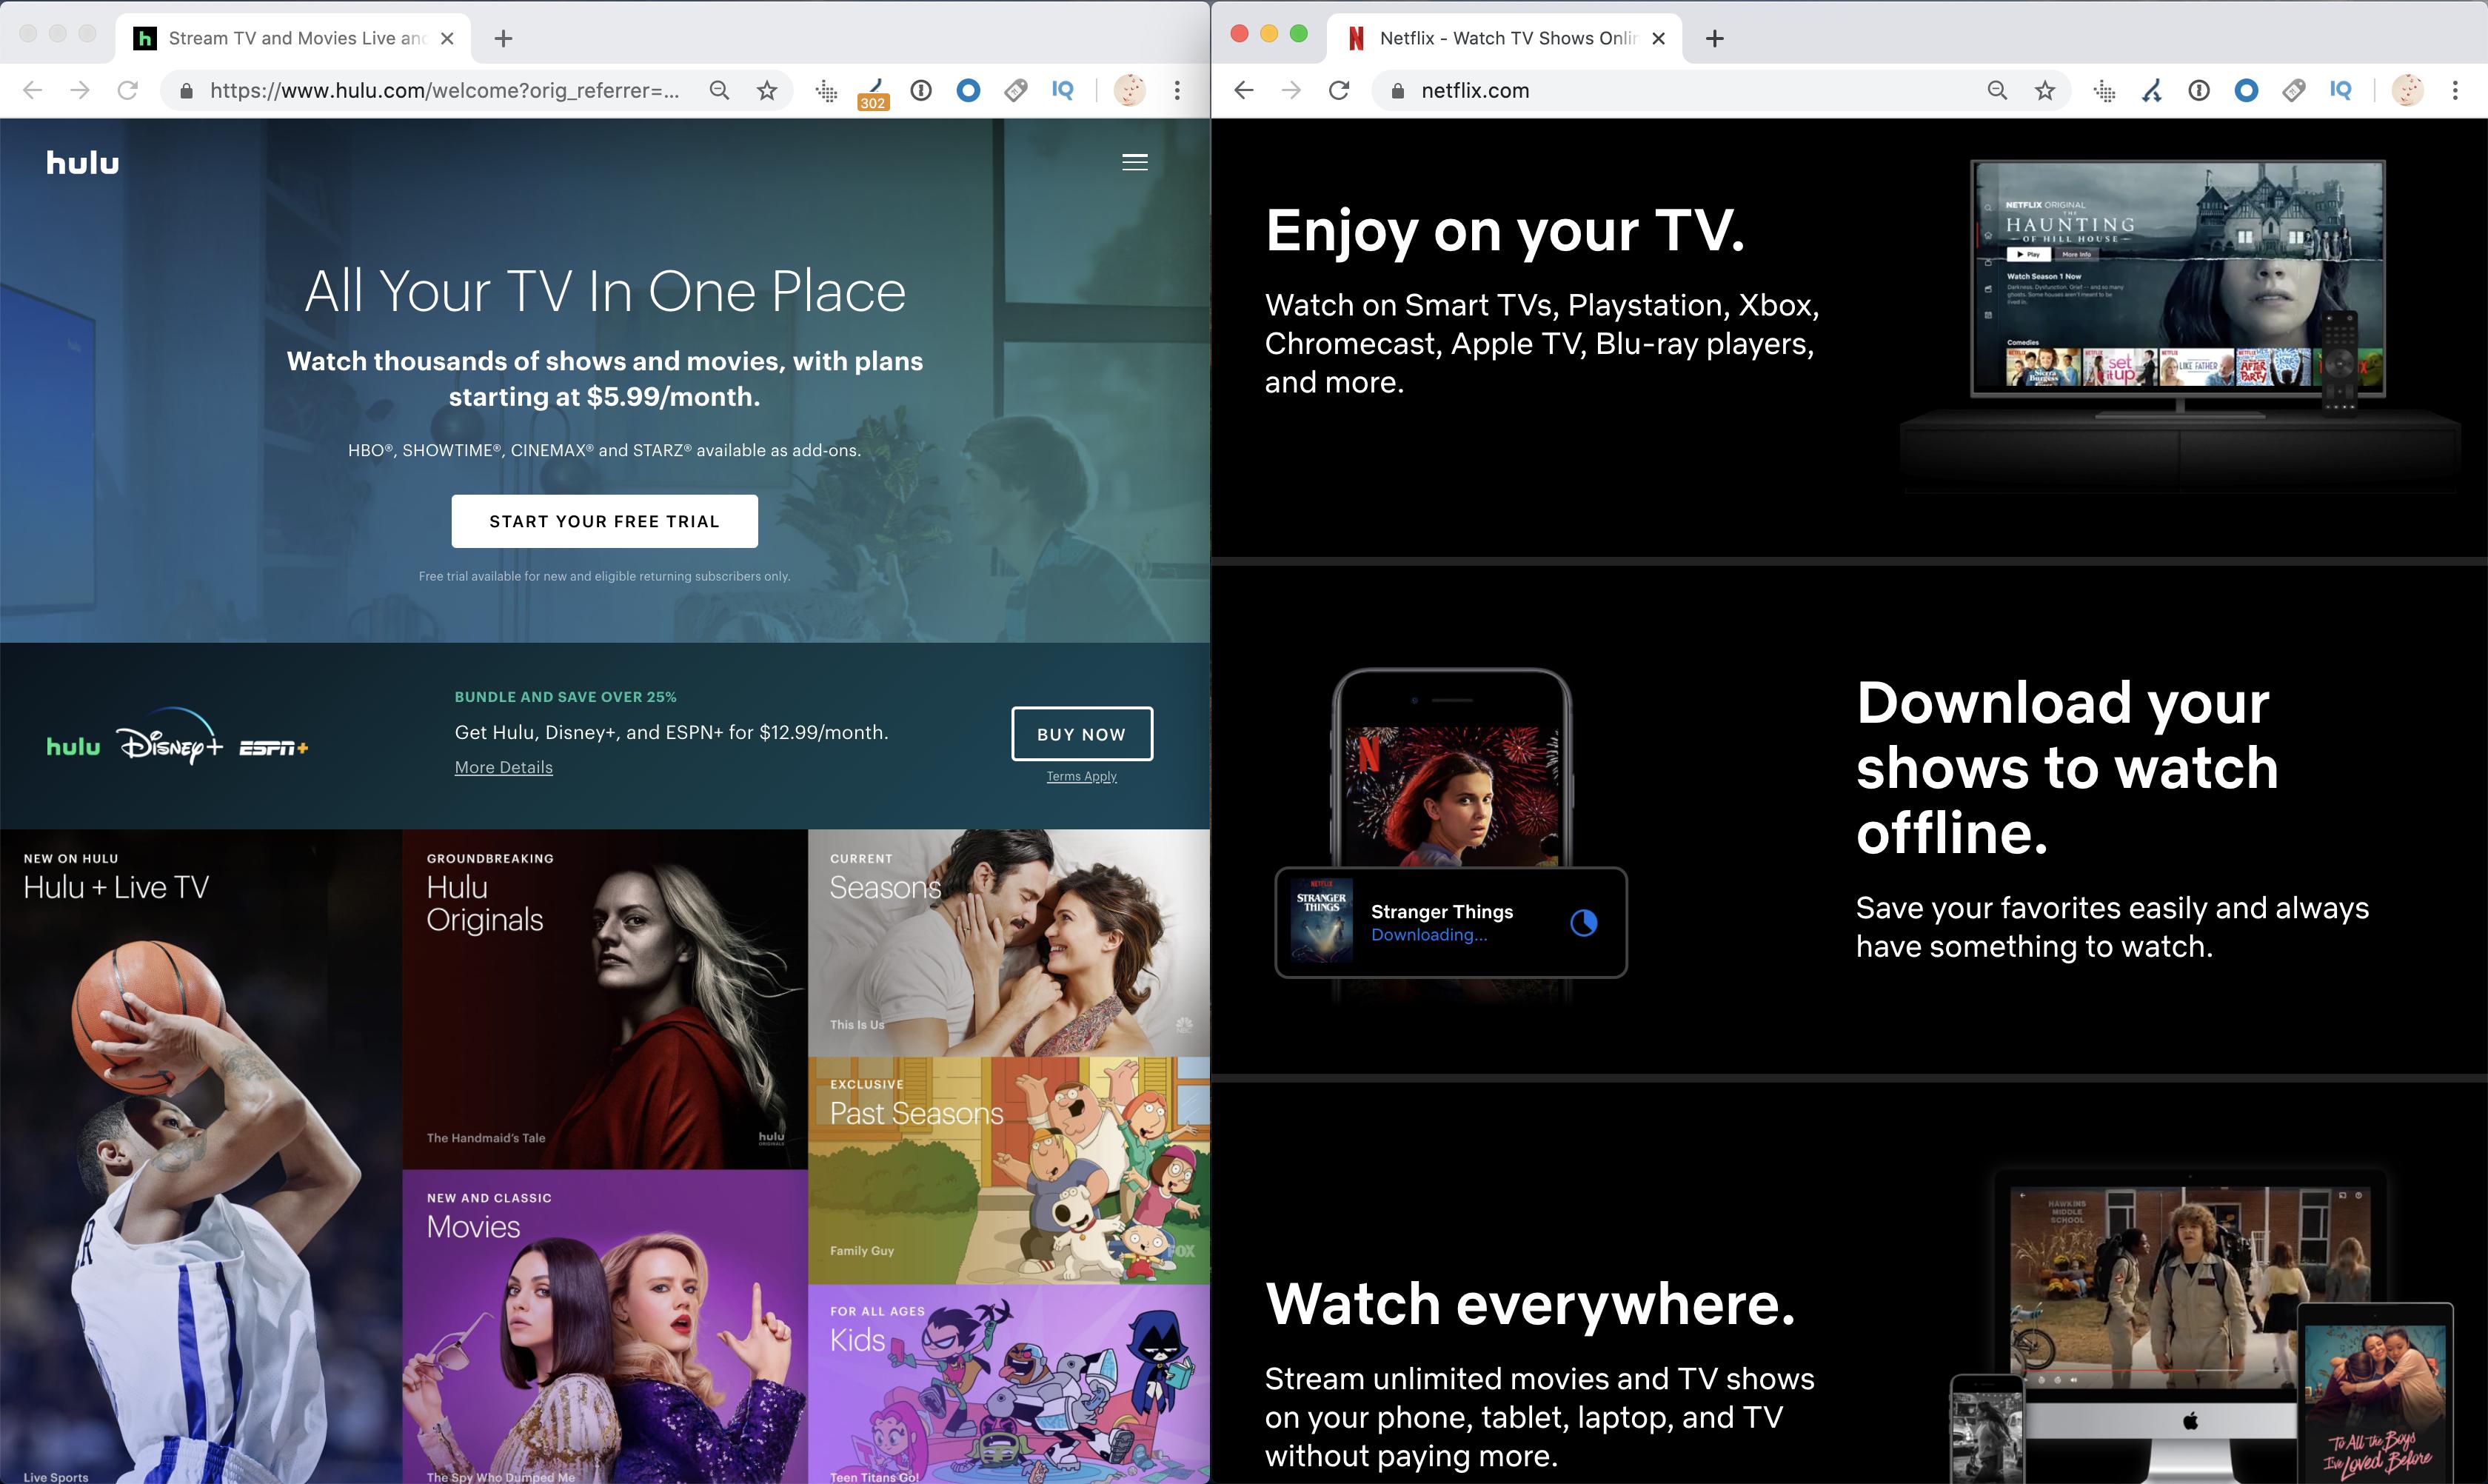 Hulu VS Netflix content